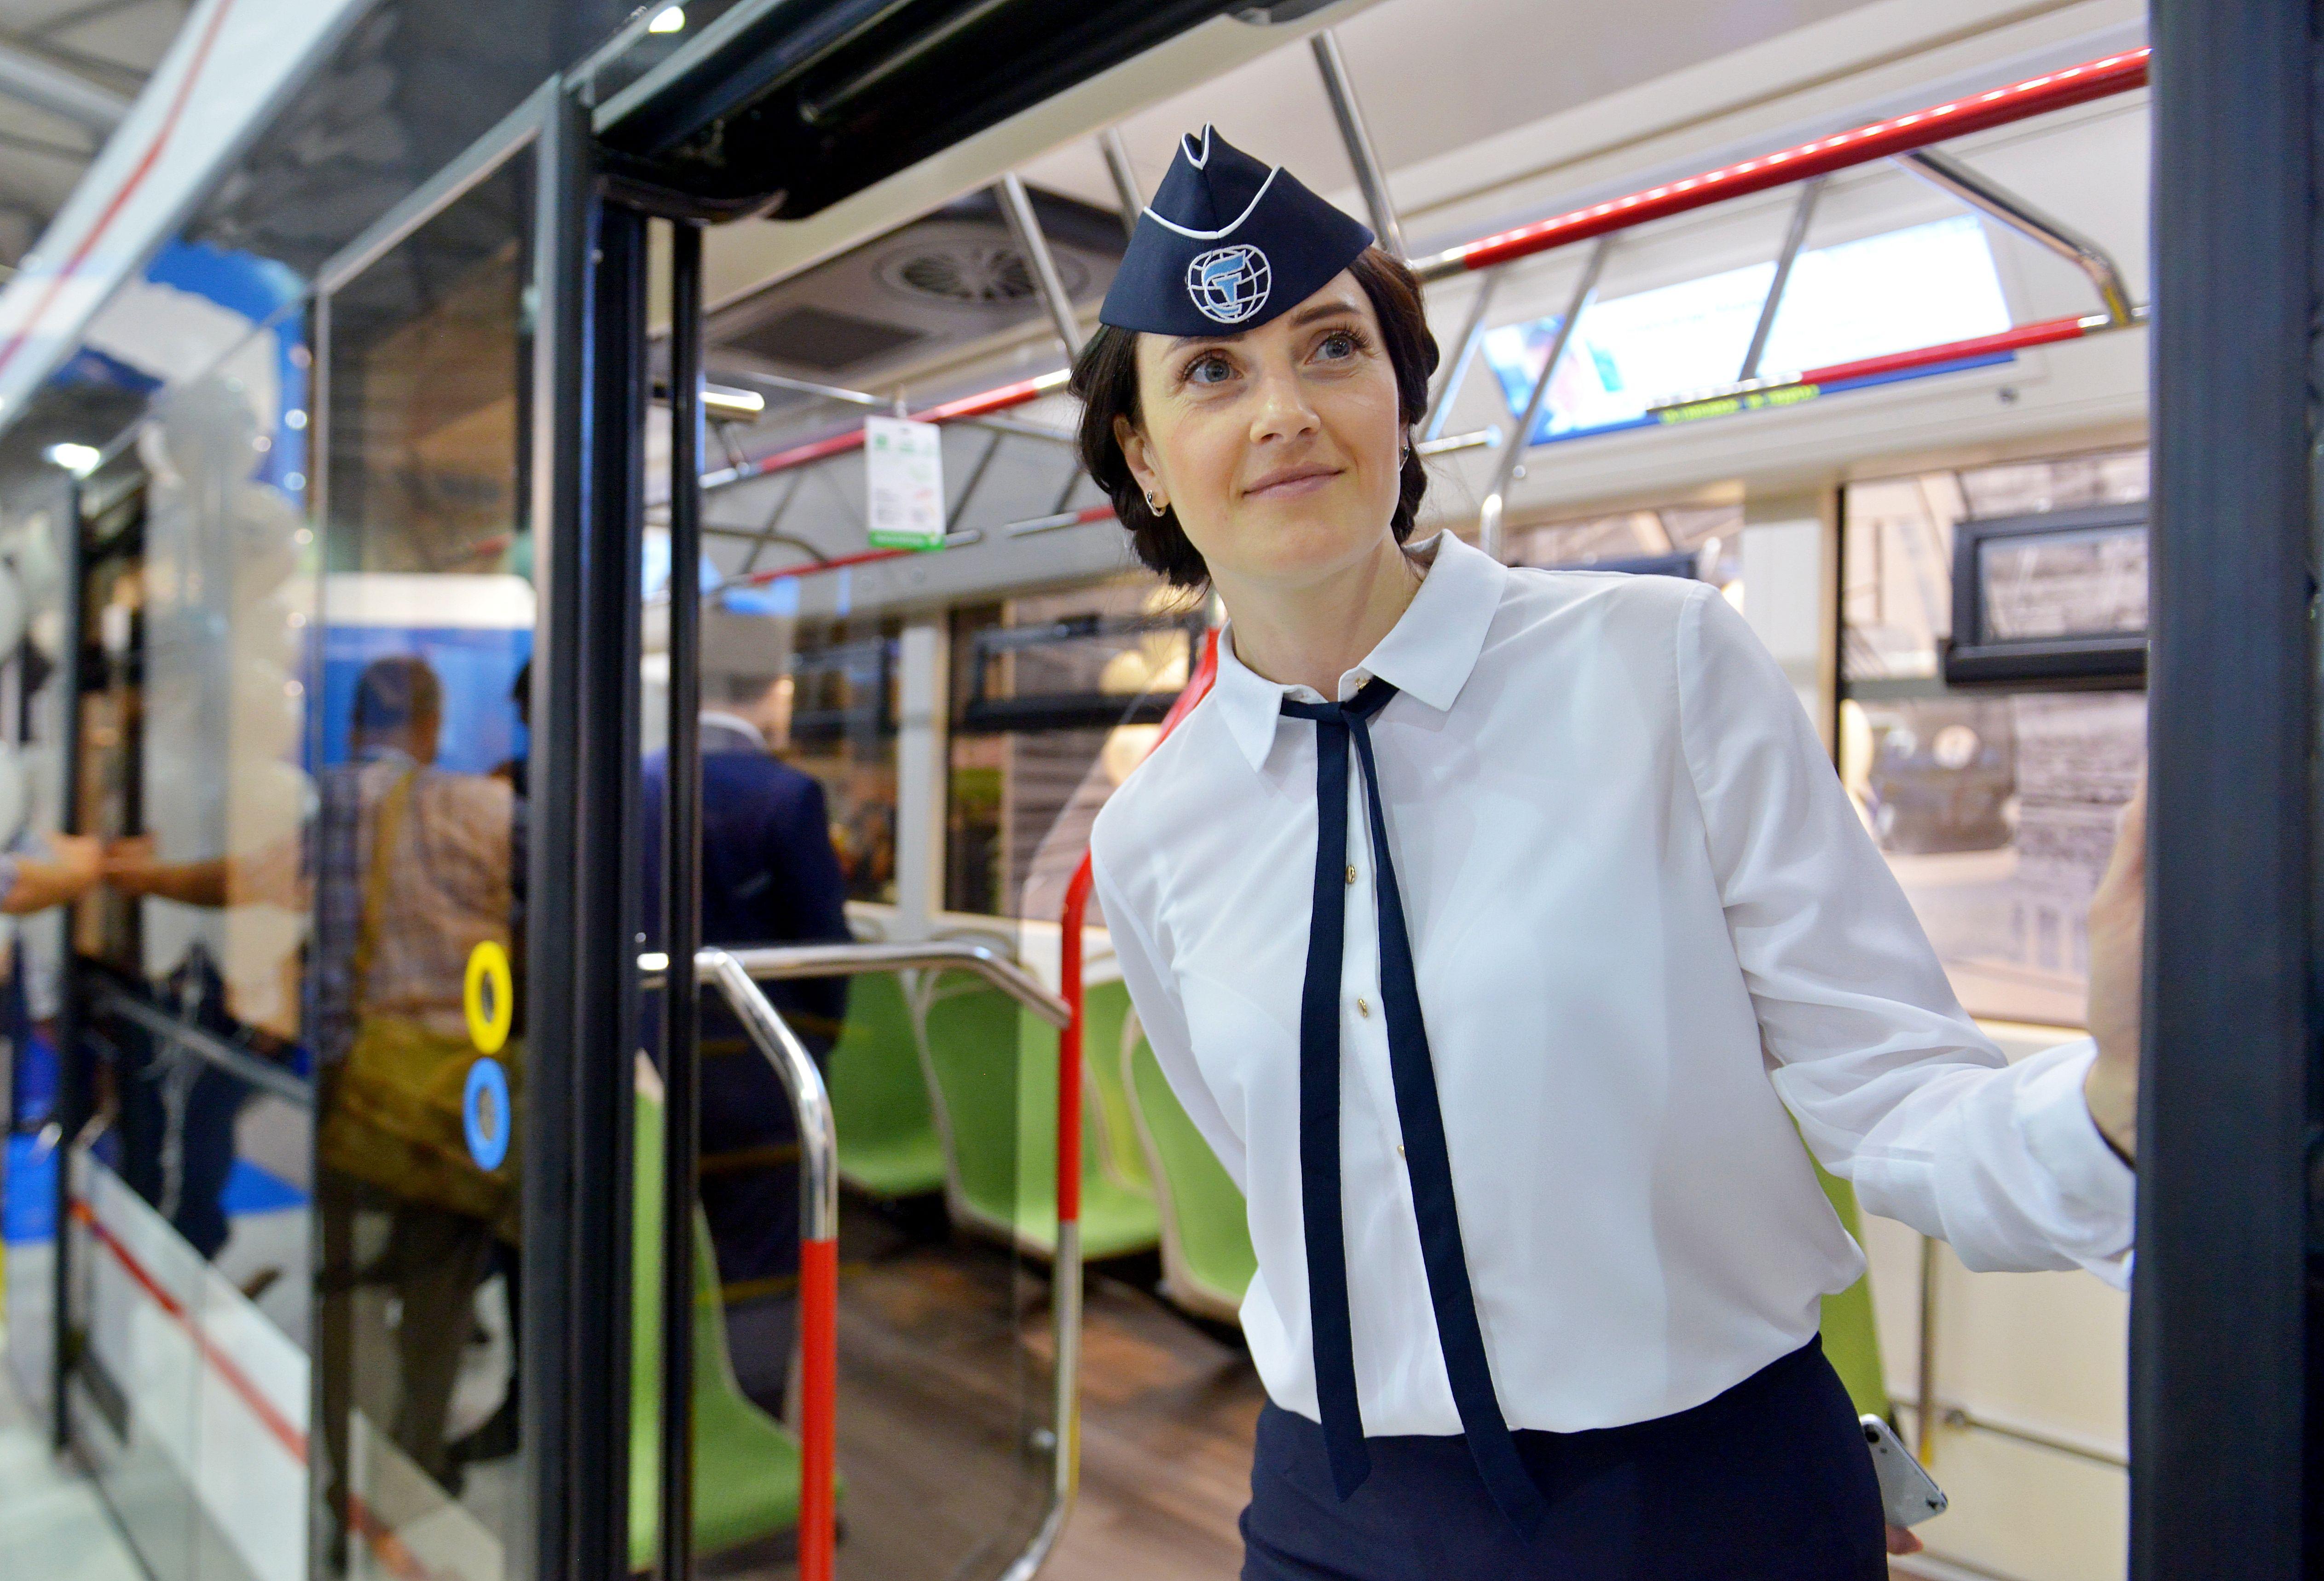 Пассажиропоток электробусов в Москве превысил 20 миллионов поездок